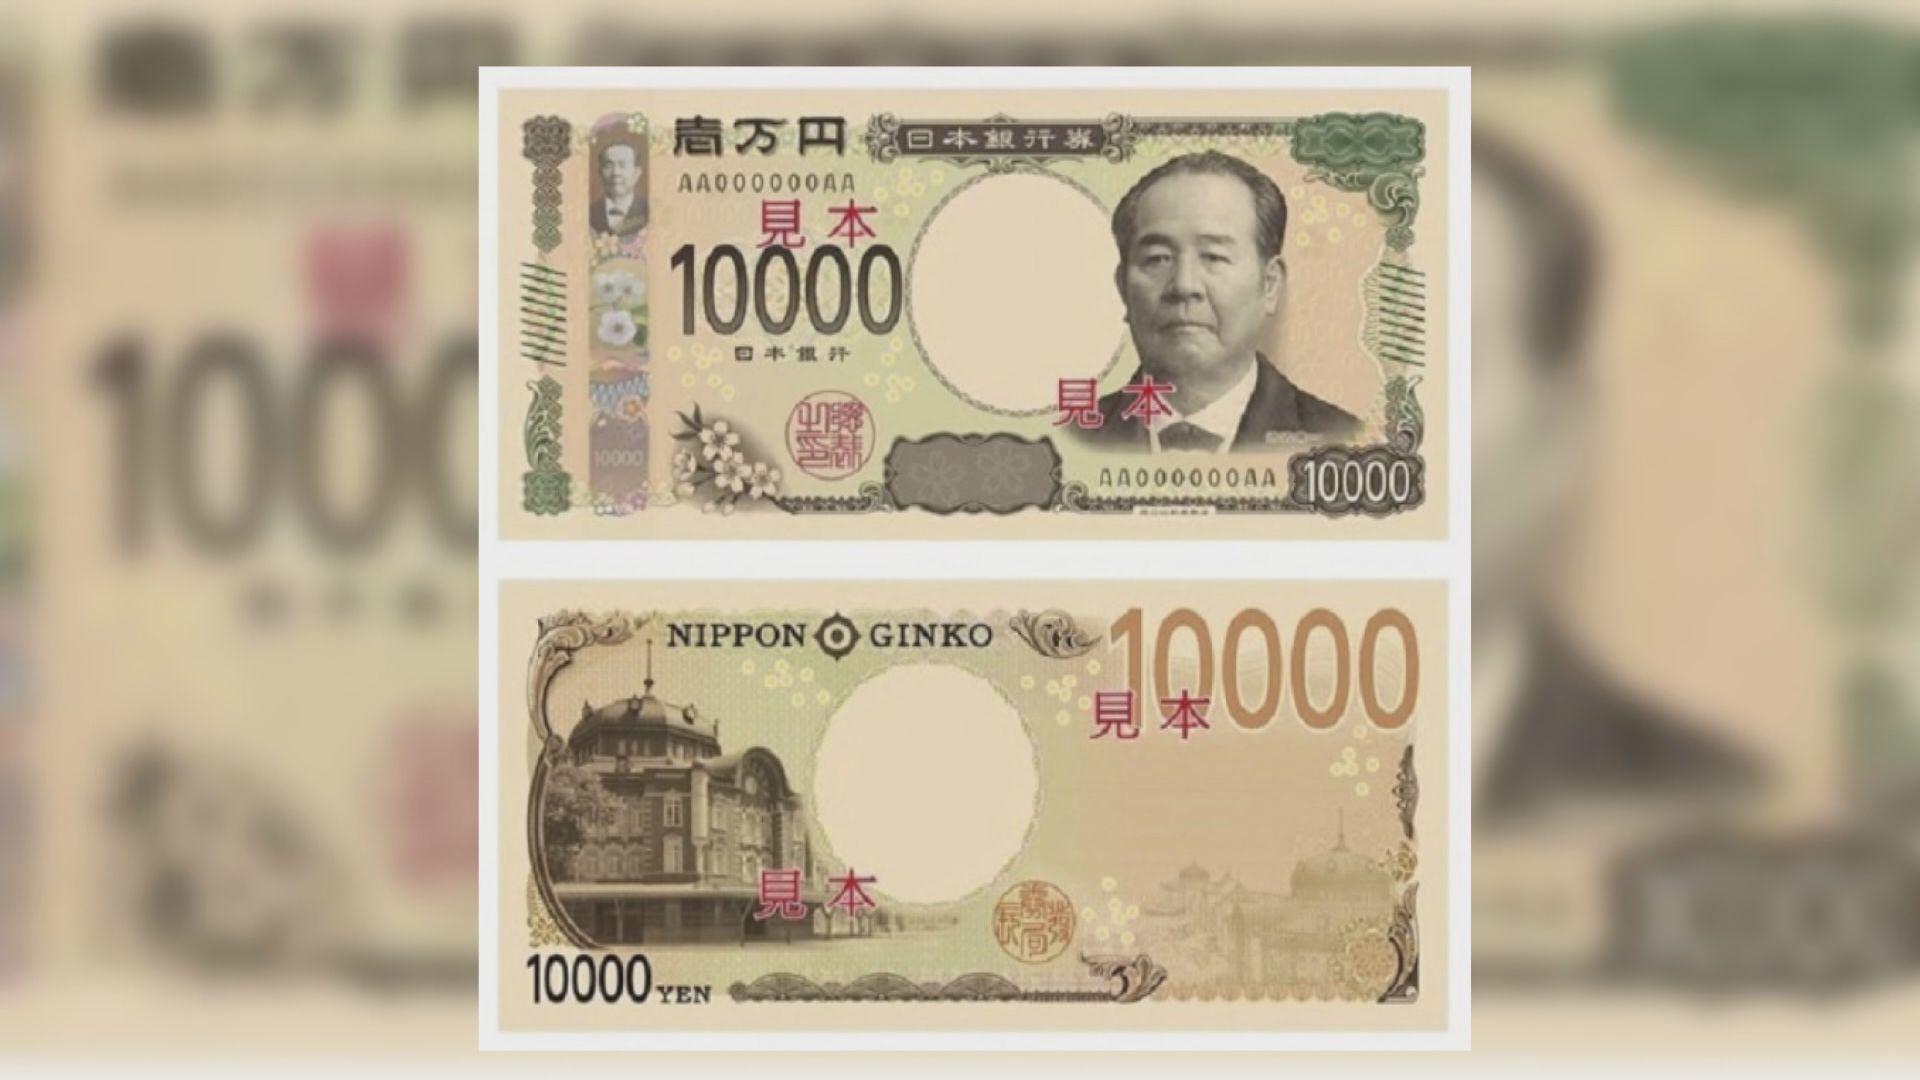 【環球薈報】新版一萬日圓紙幣或成最後一代